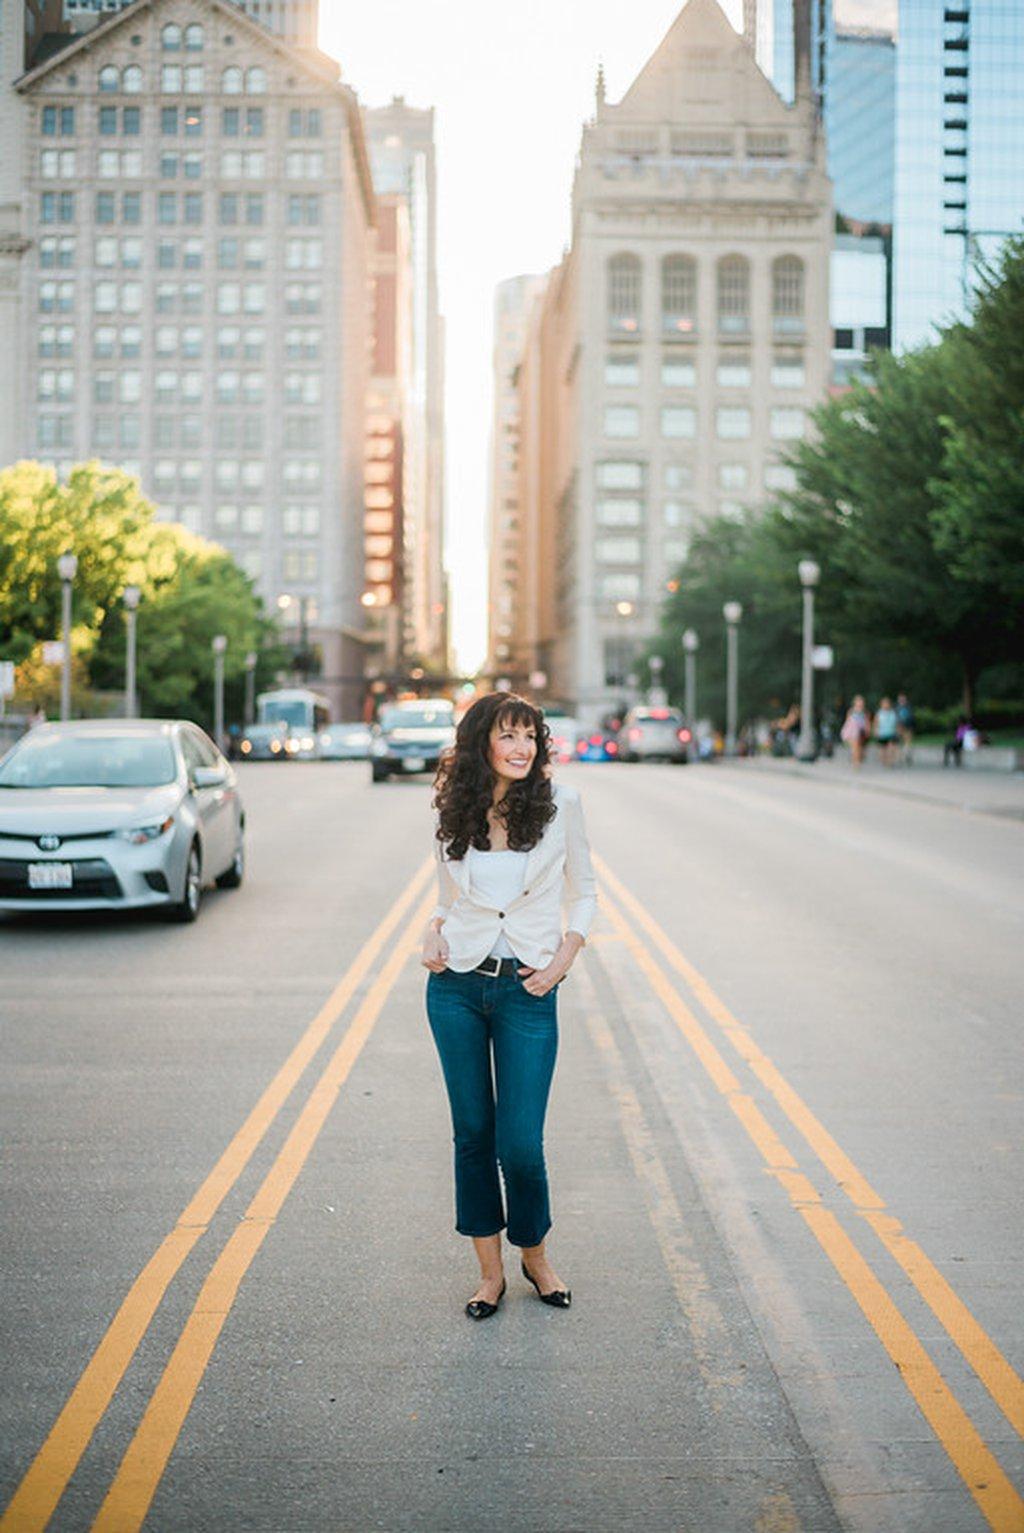 Danielle's Portfolio - Image 4